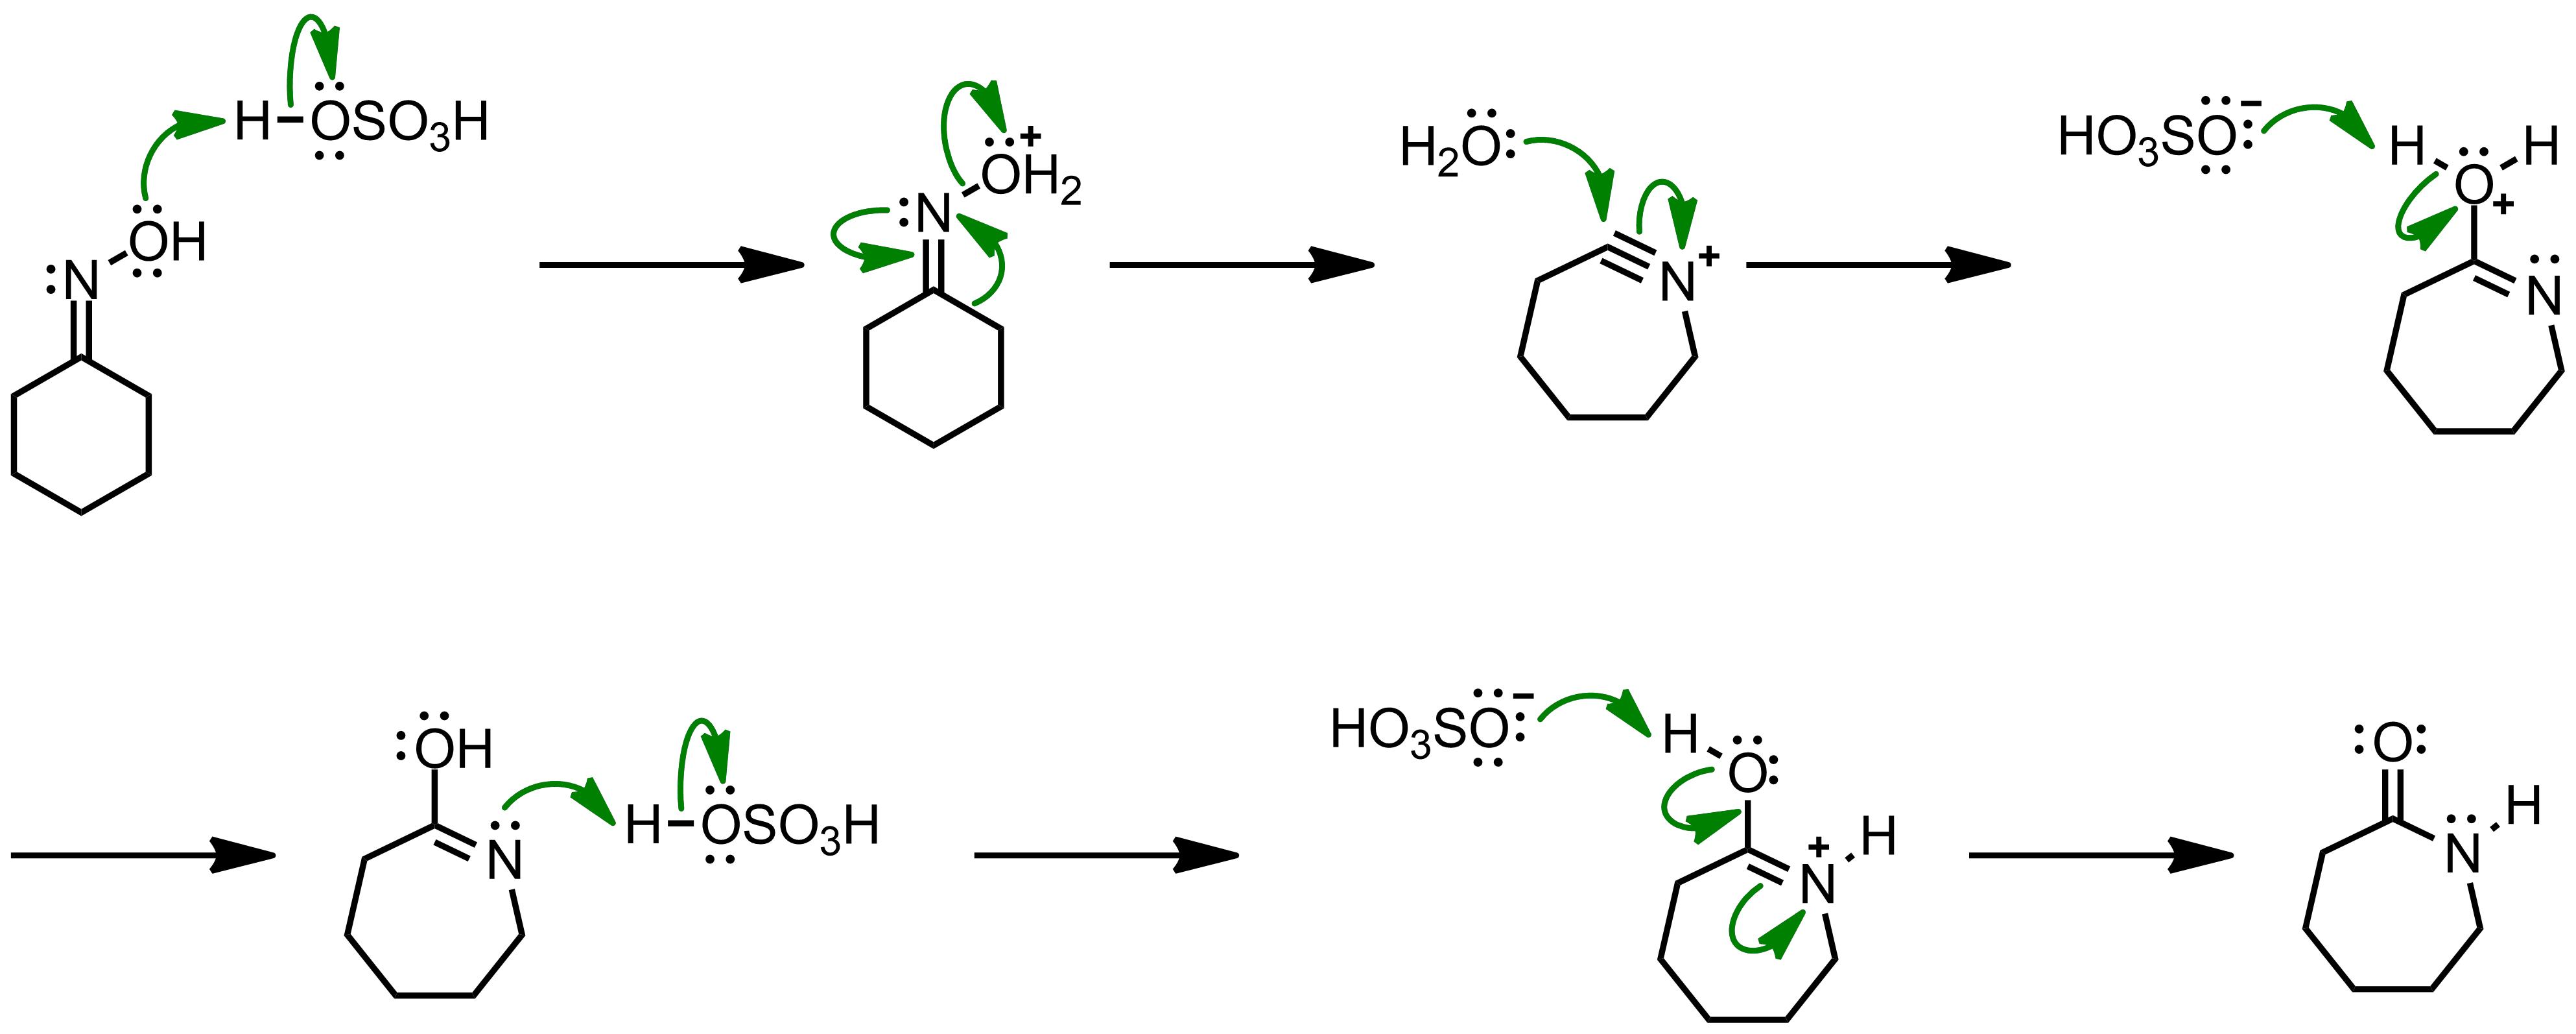 Mechanism of the Beckmann Rearrangement